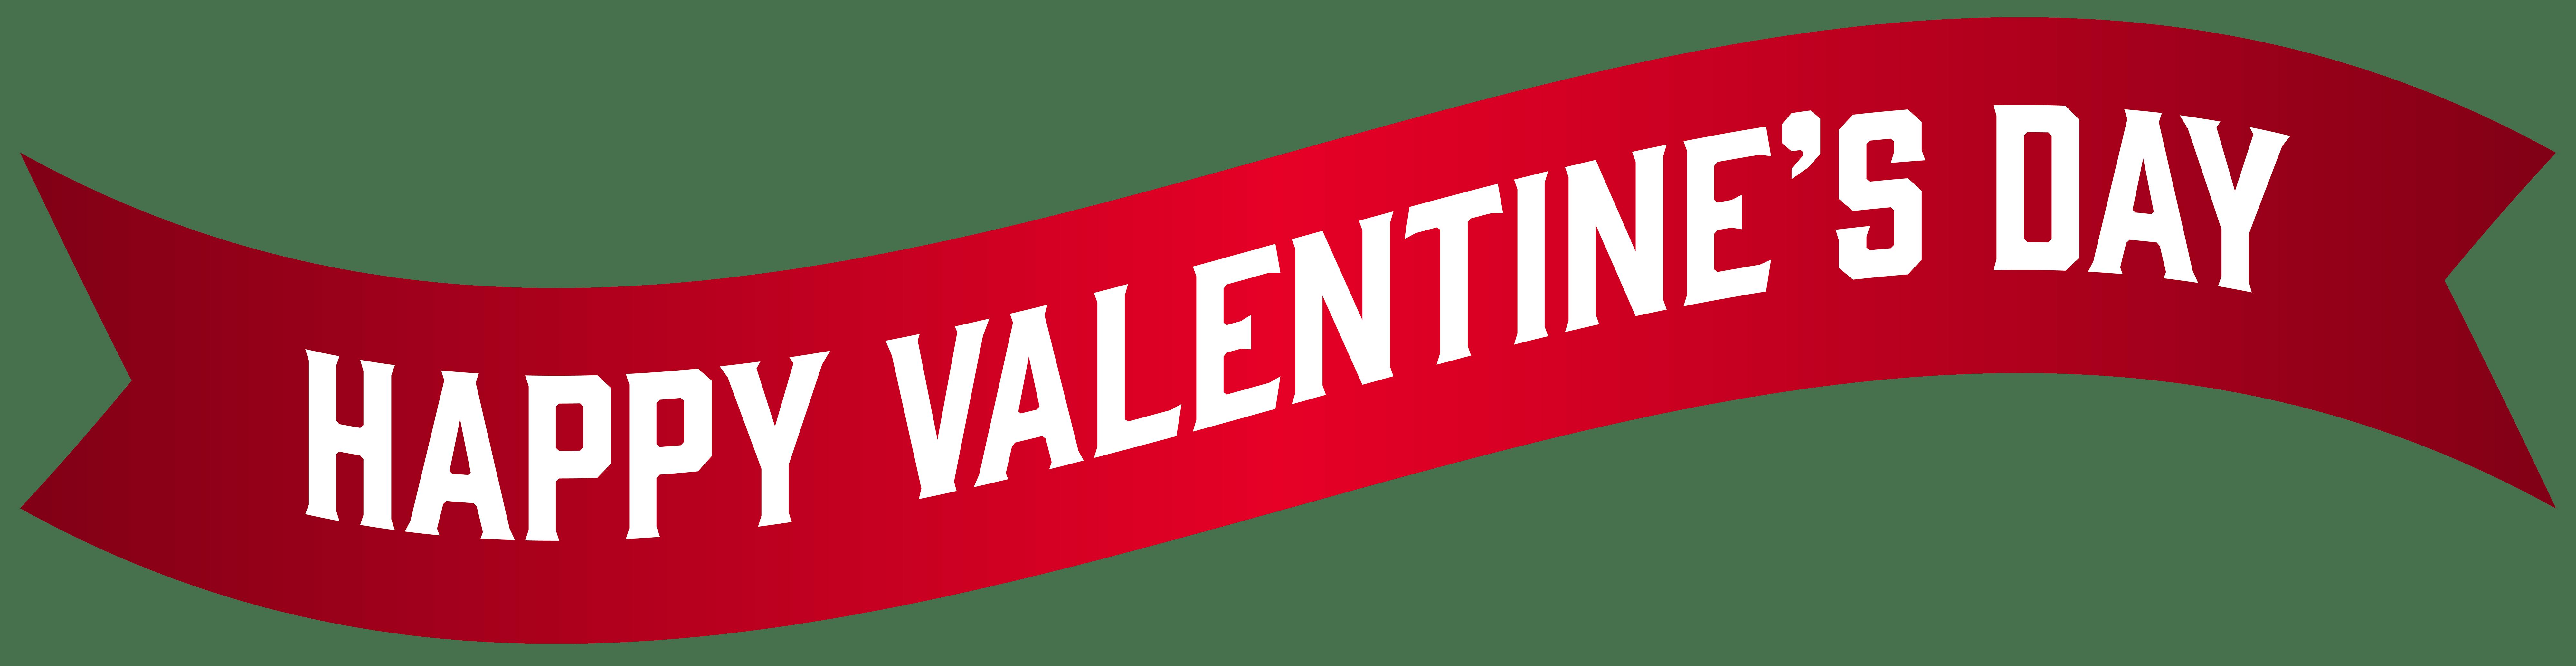 8000x2069 Valentines Day Clip Art Banner Valentine's Day Info